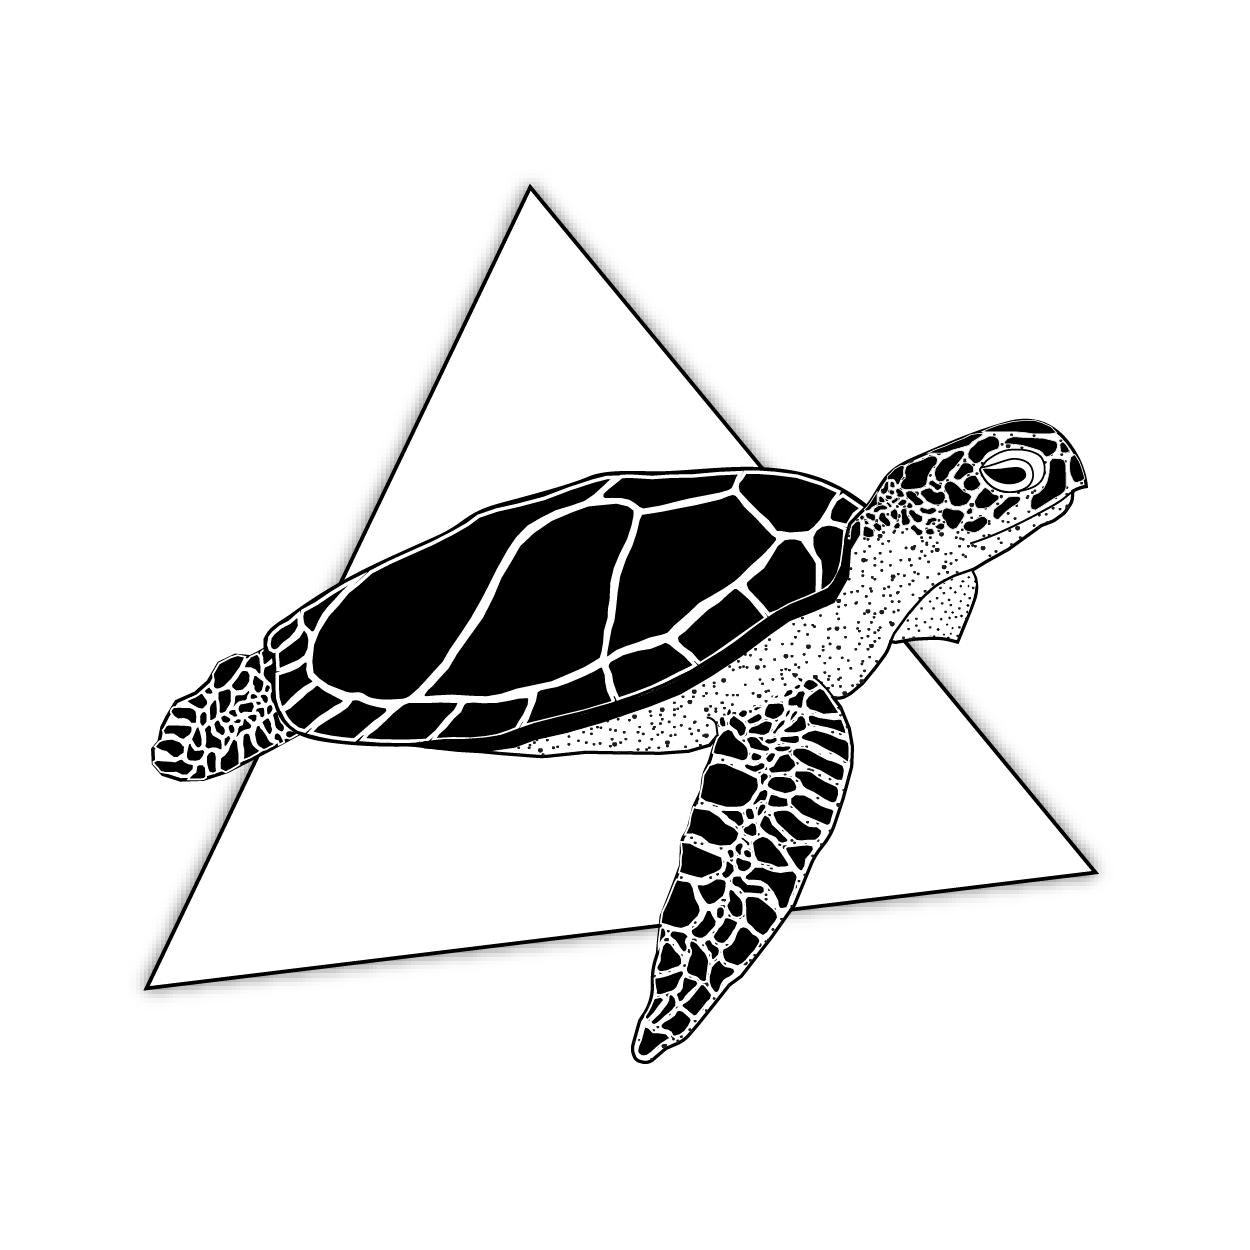 Turtles Space